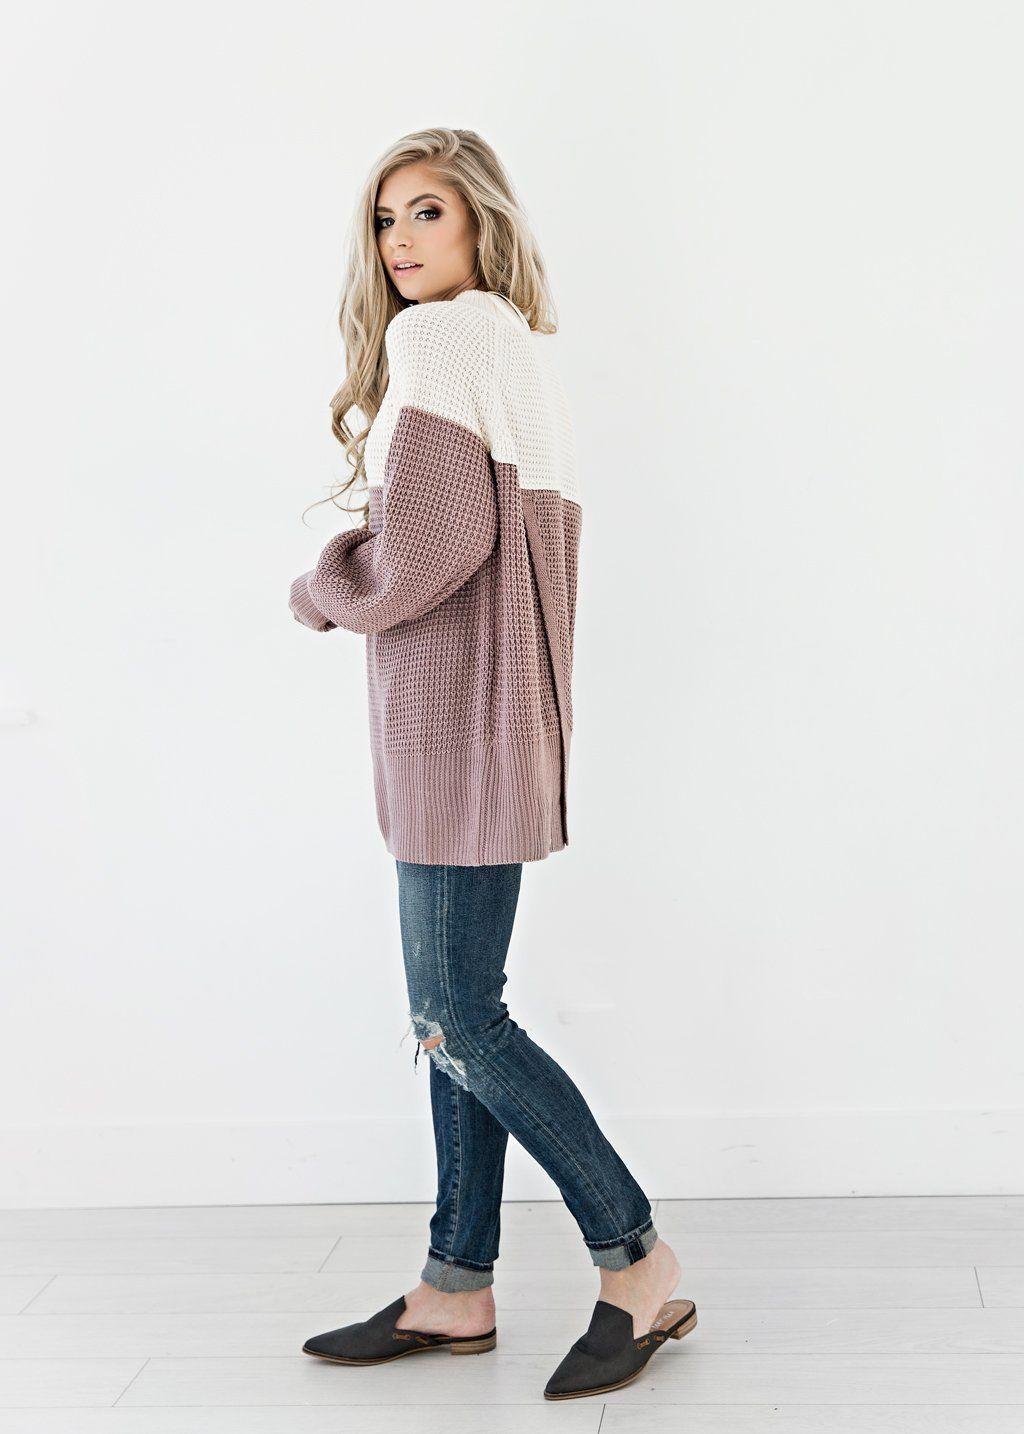 Mauve Blocked Sweater Fashion, Everyday fashion